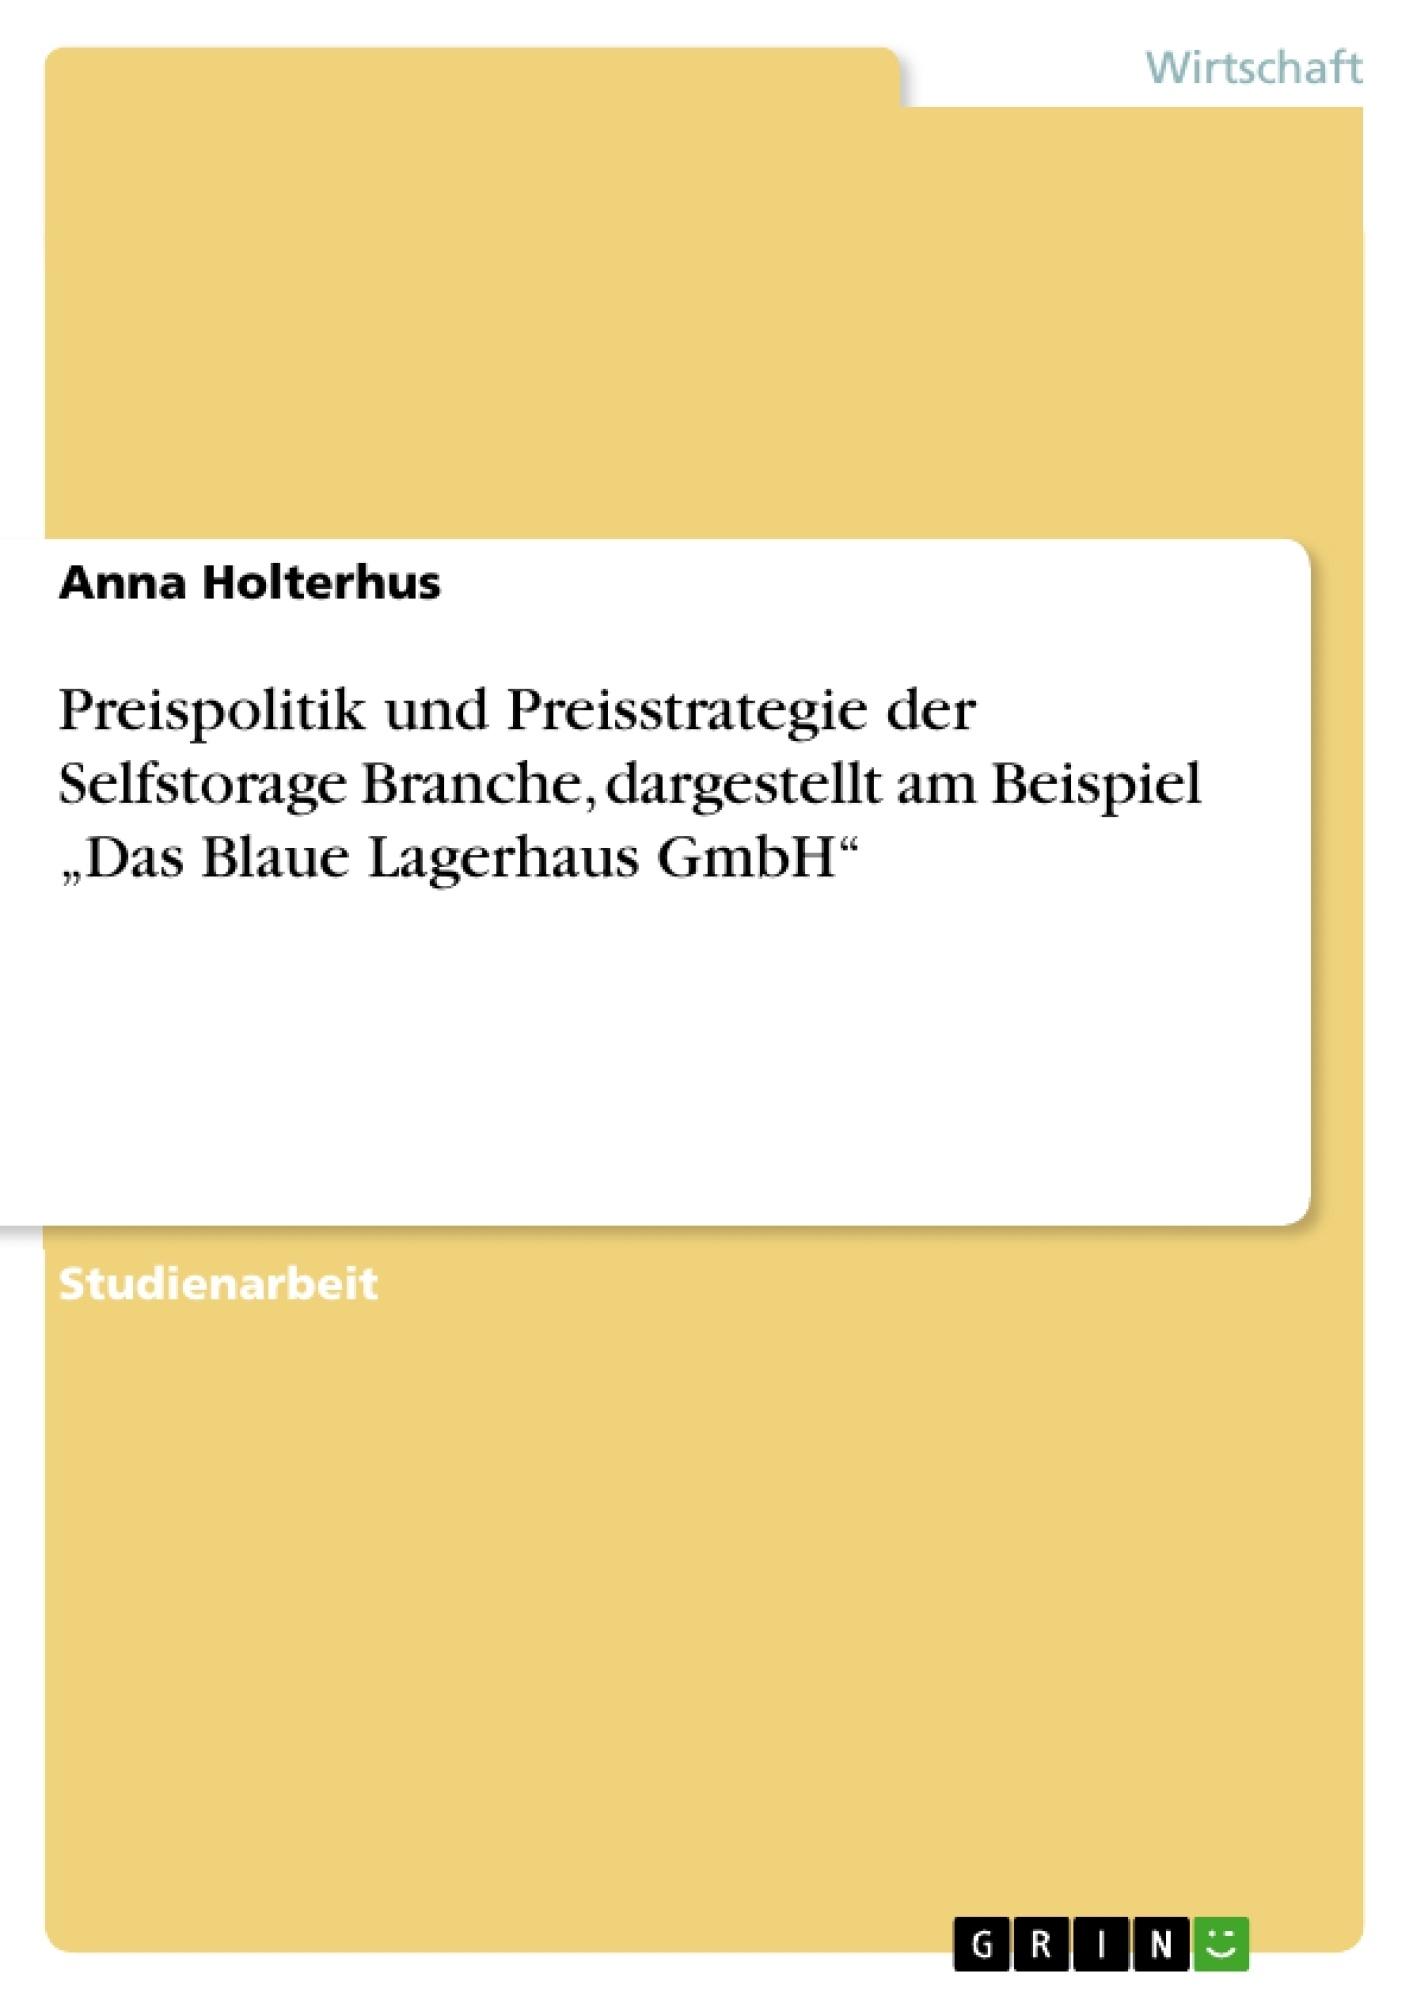 """Titel: Preispolitik und Preisstrategie der Selfstorage Branche, dargestellt am Beispiel """"Das Blaue Lagerhaus GmbH"""""""